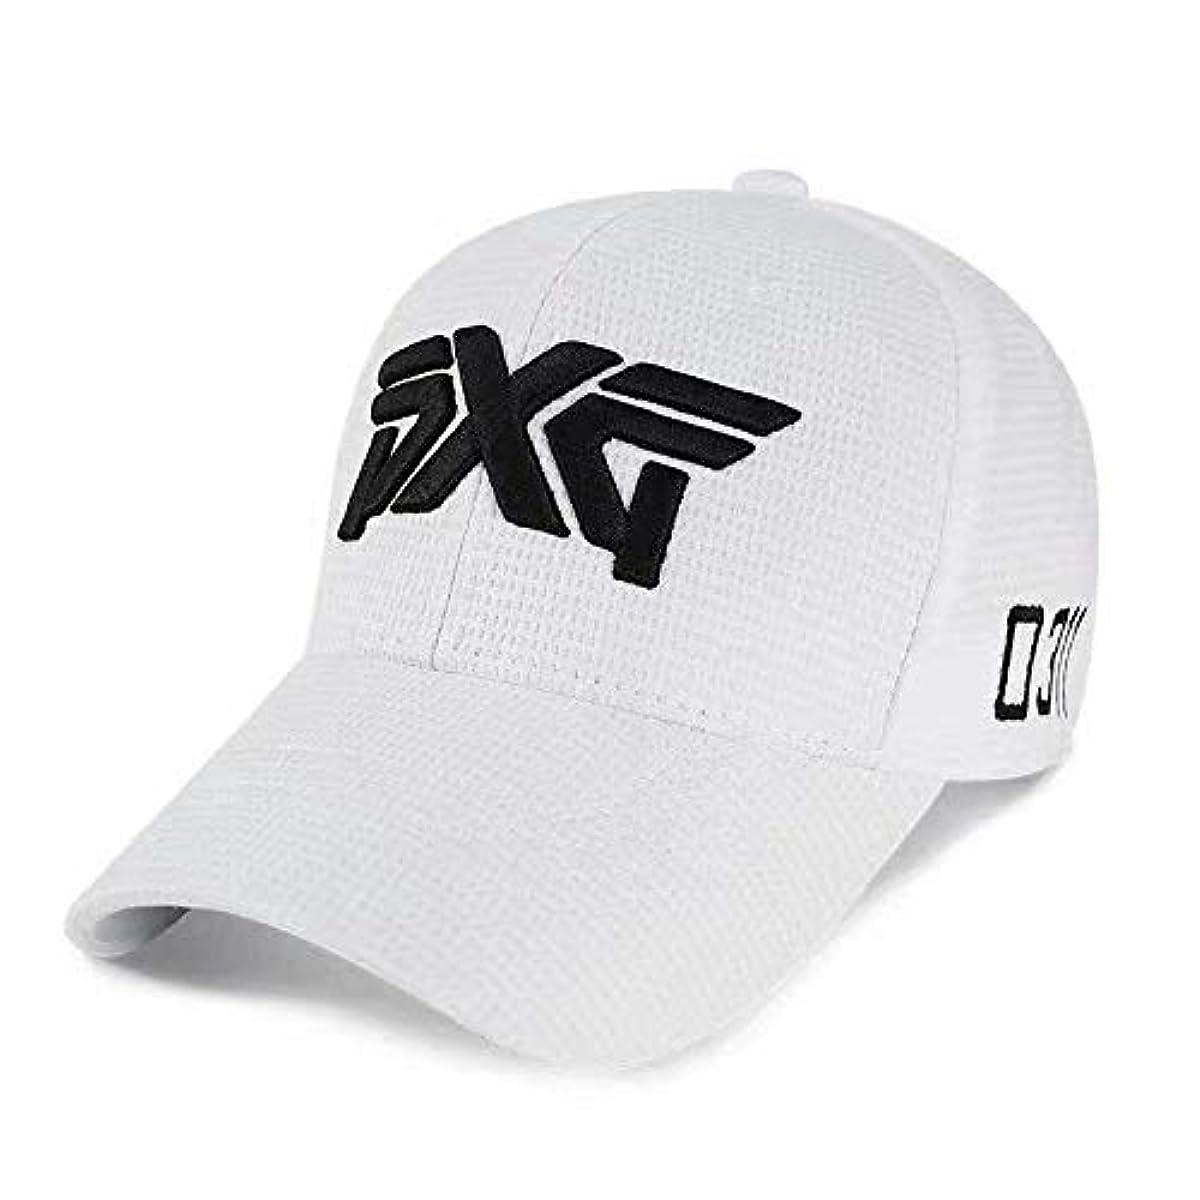 [해외] PXG 0311화이트색 골프 GOLF 낚시 워킹 고루 후야구모 썬바이져 모자 남녀 겸용 차양 야구모